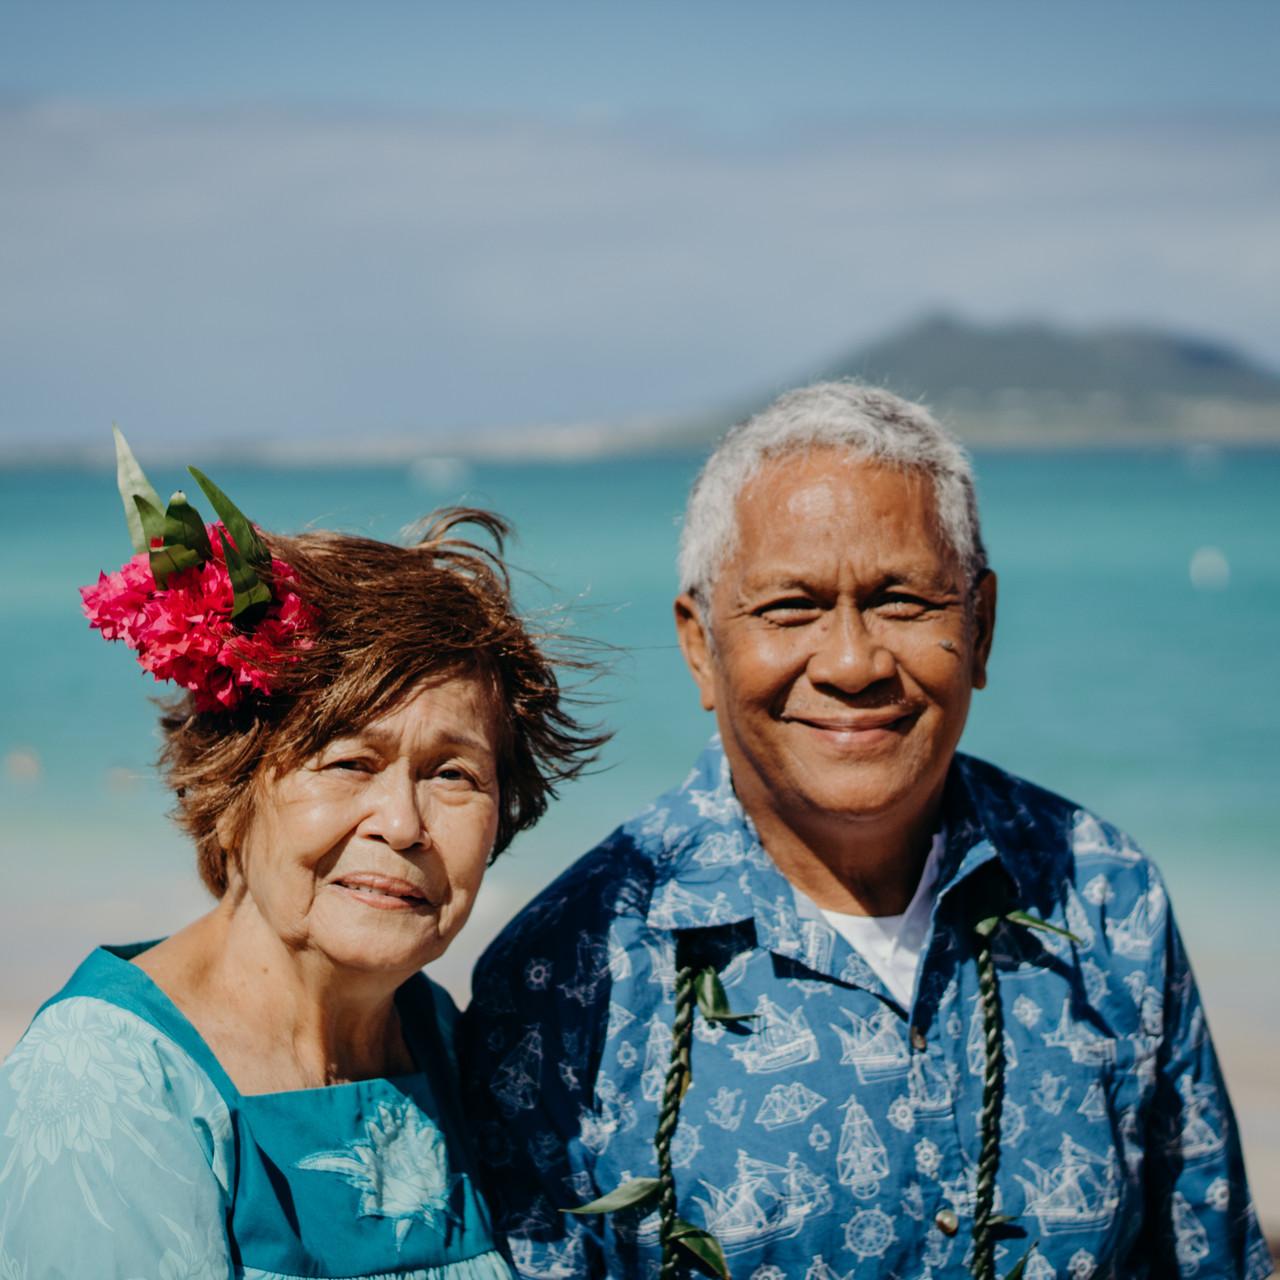 Hawaiian Dress, Hawaiian Muumuu, Muumuu, Kailua Beach, Hawaii Photo Shoot, Family Portrait Hawaii